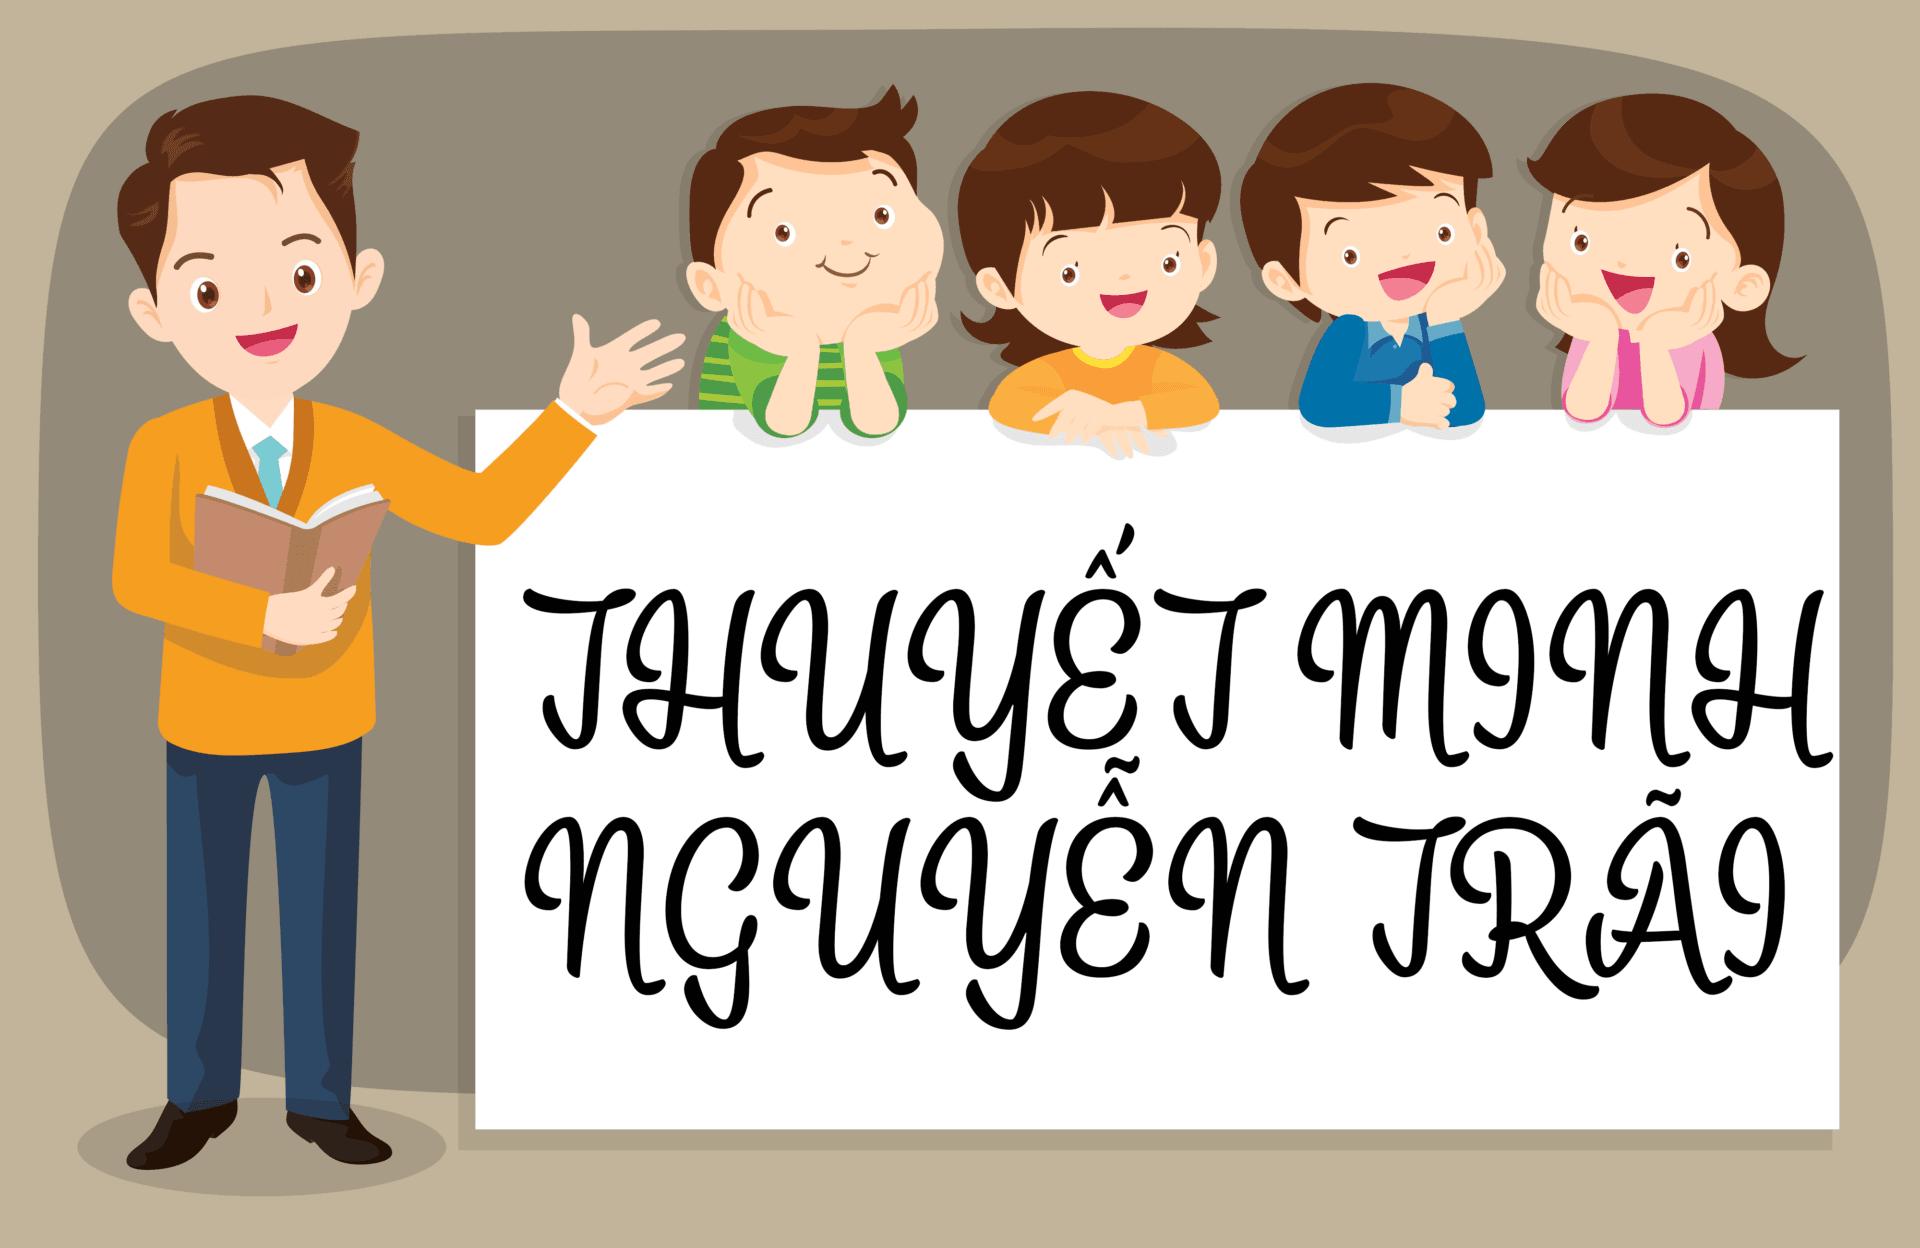 Giới thiệu tác giả Nguyễn Trãi.